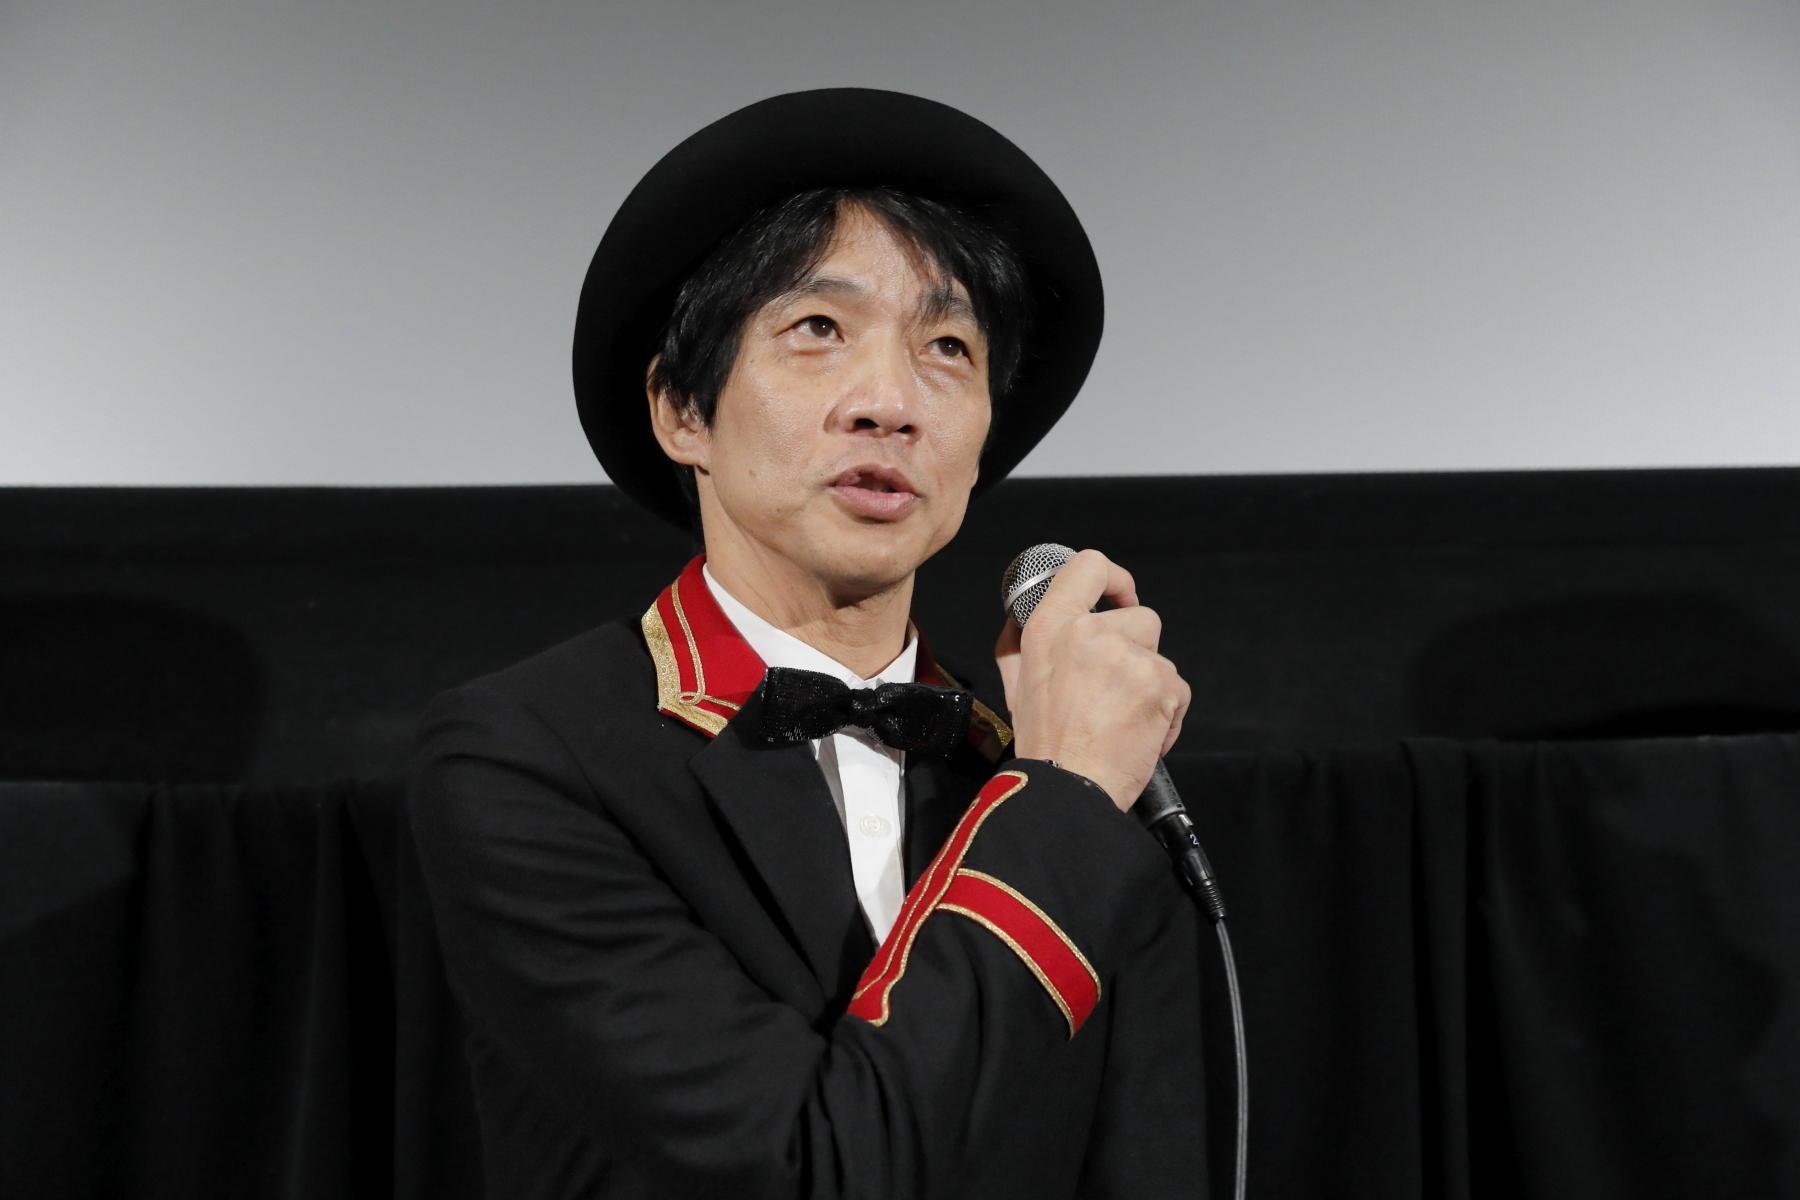 http://news.yoshimoto.co.jp/20181103093419-9dcc7a715107ecfc4cf9f699c178efcccd6693db.jpg